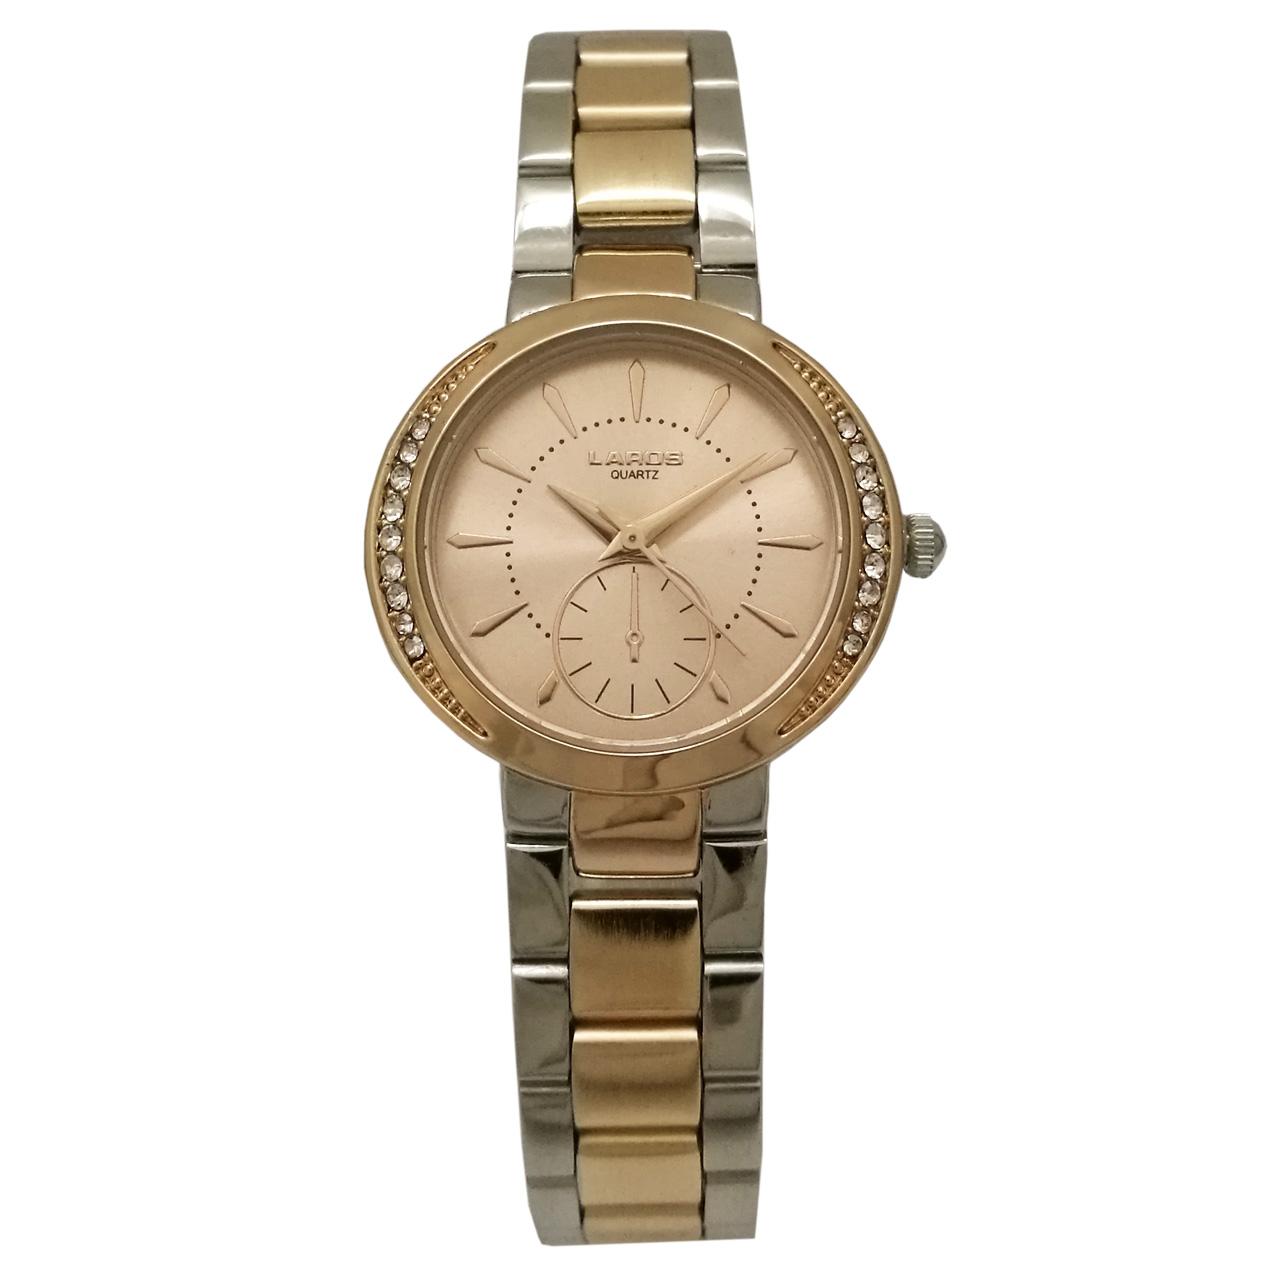 ساعت مچی عقربه ای زنانه فلزی رزگلد لاروس مدل 1117-80156